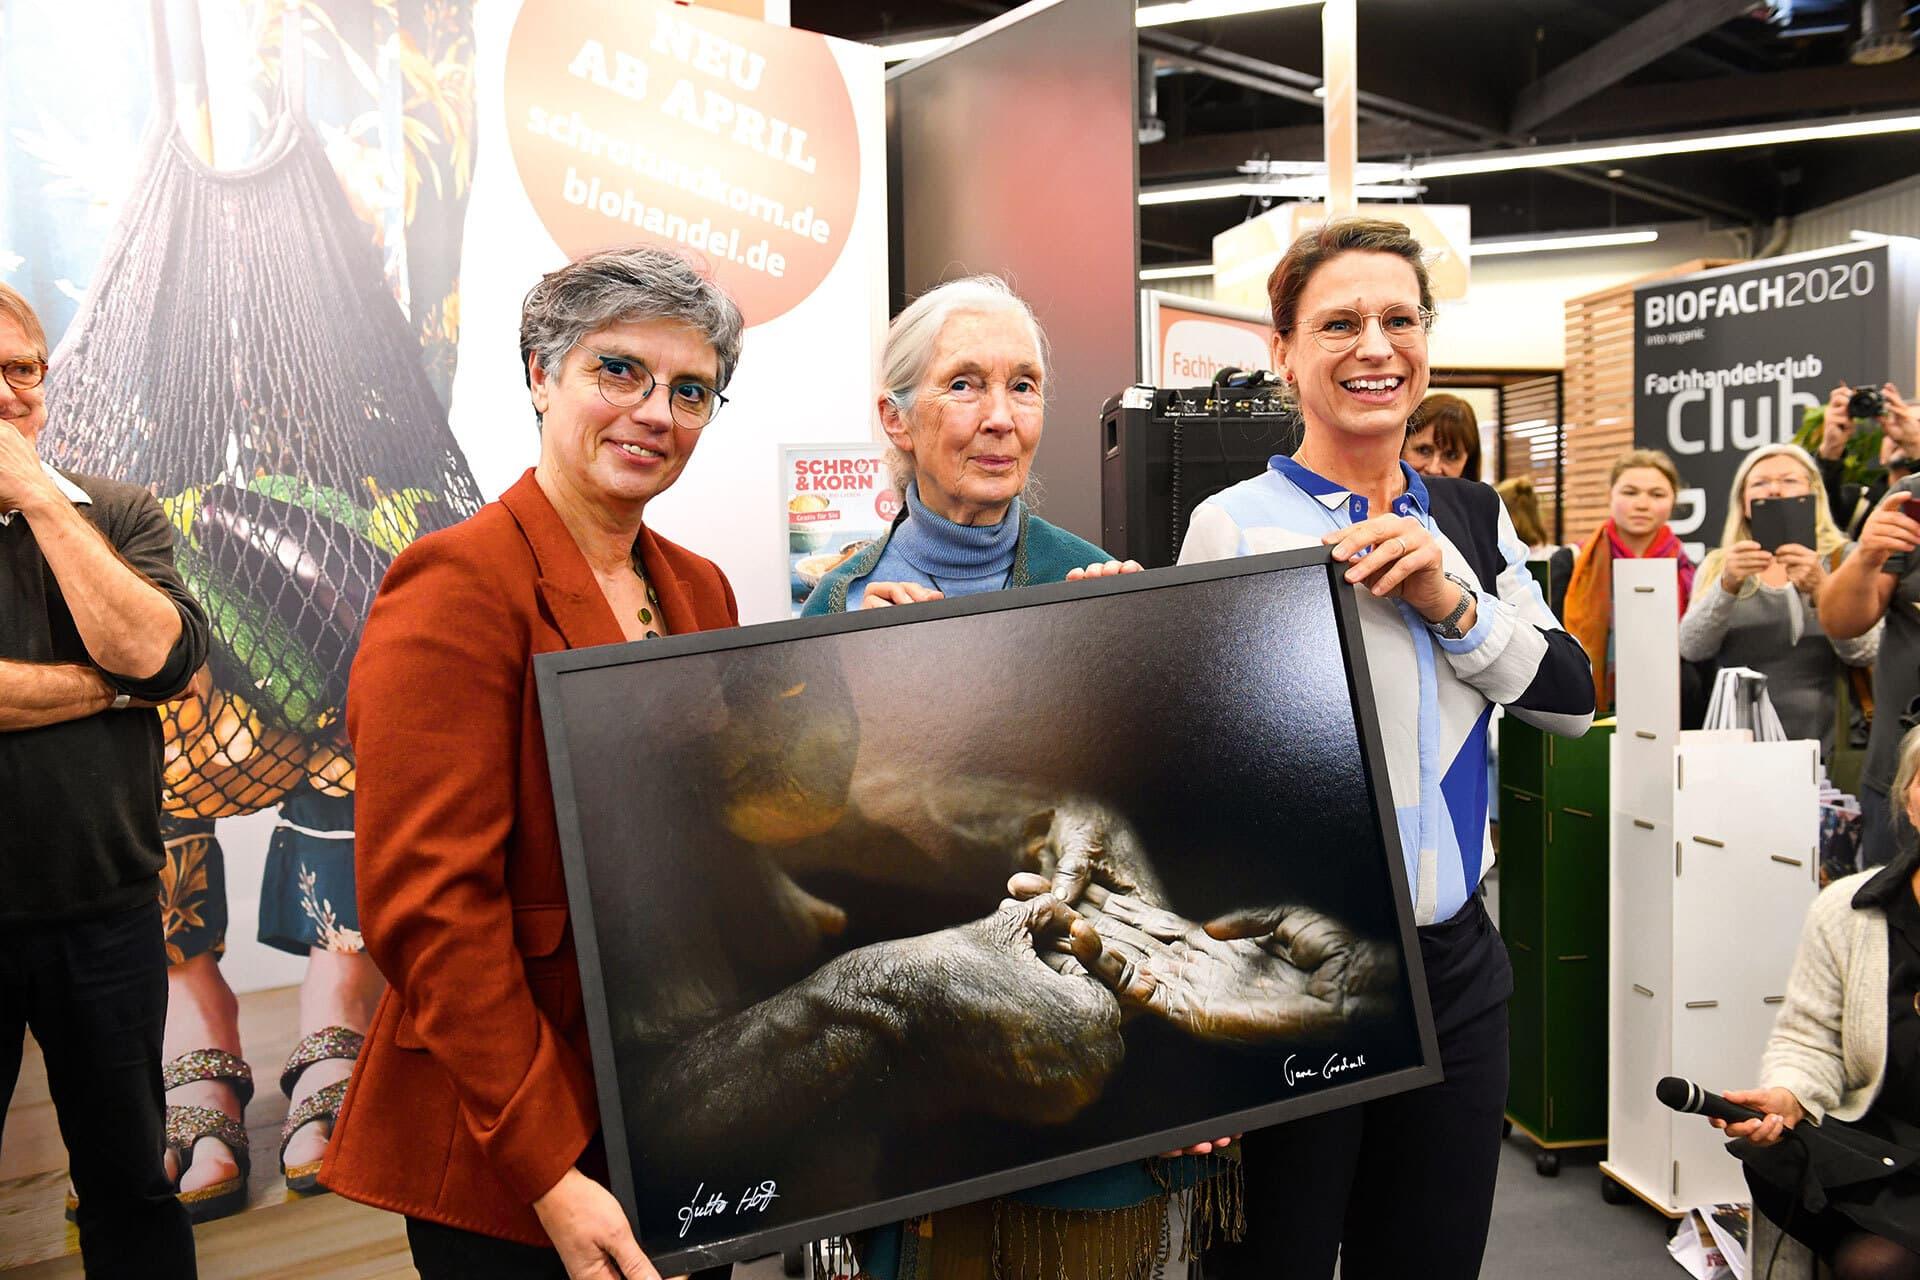 Sabine Kauffmann und Stephanie Silber präsentieren stolz die Auszeichnung – ein von Jane Goodall handsigniertes Bild einer Schimpansendame.